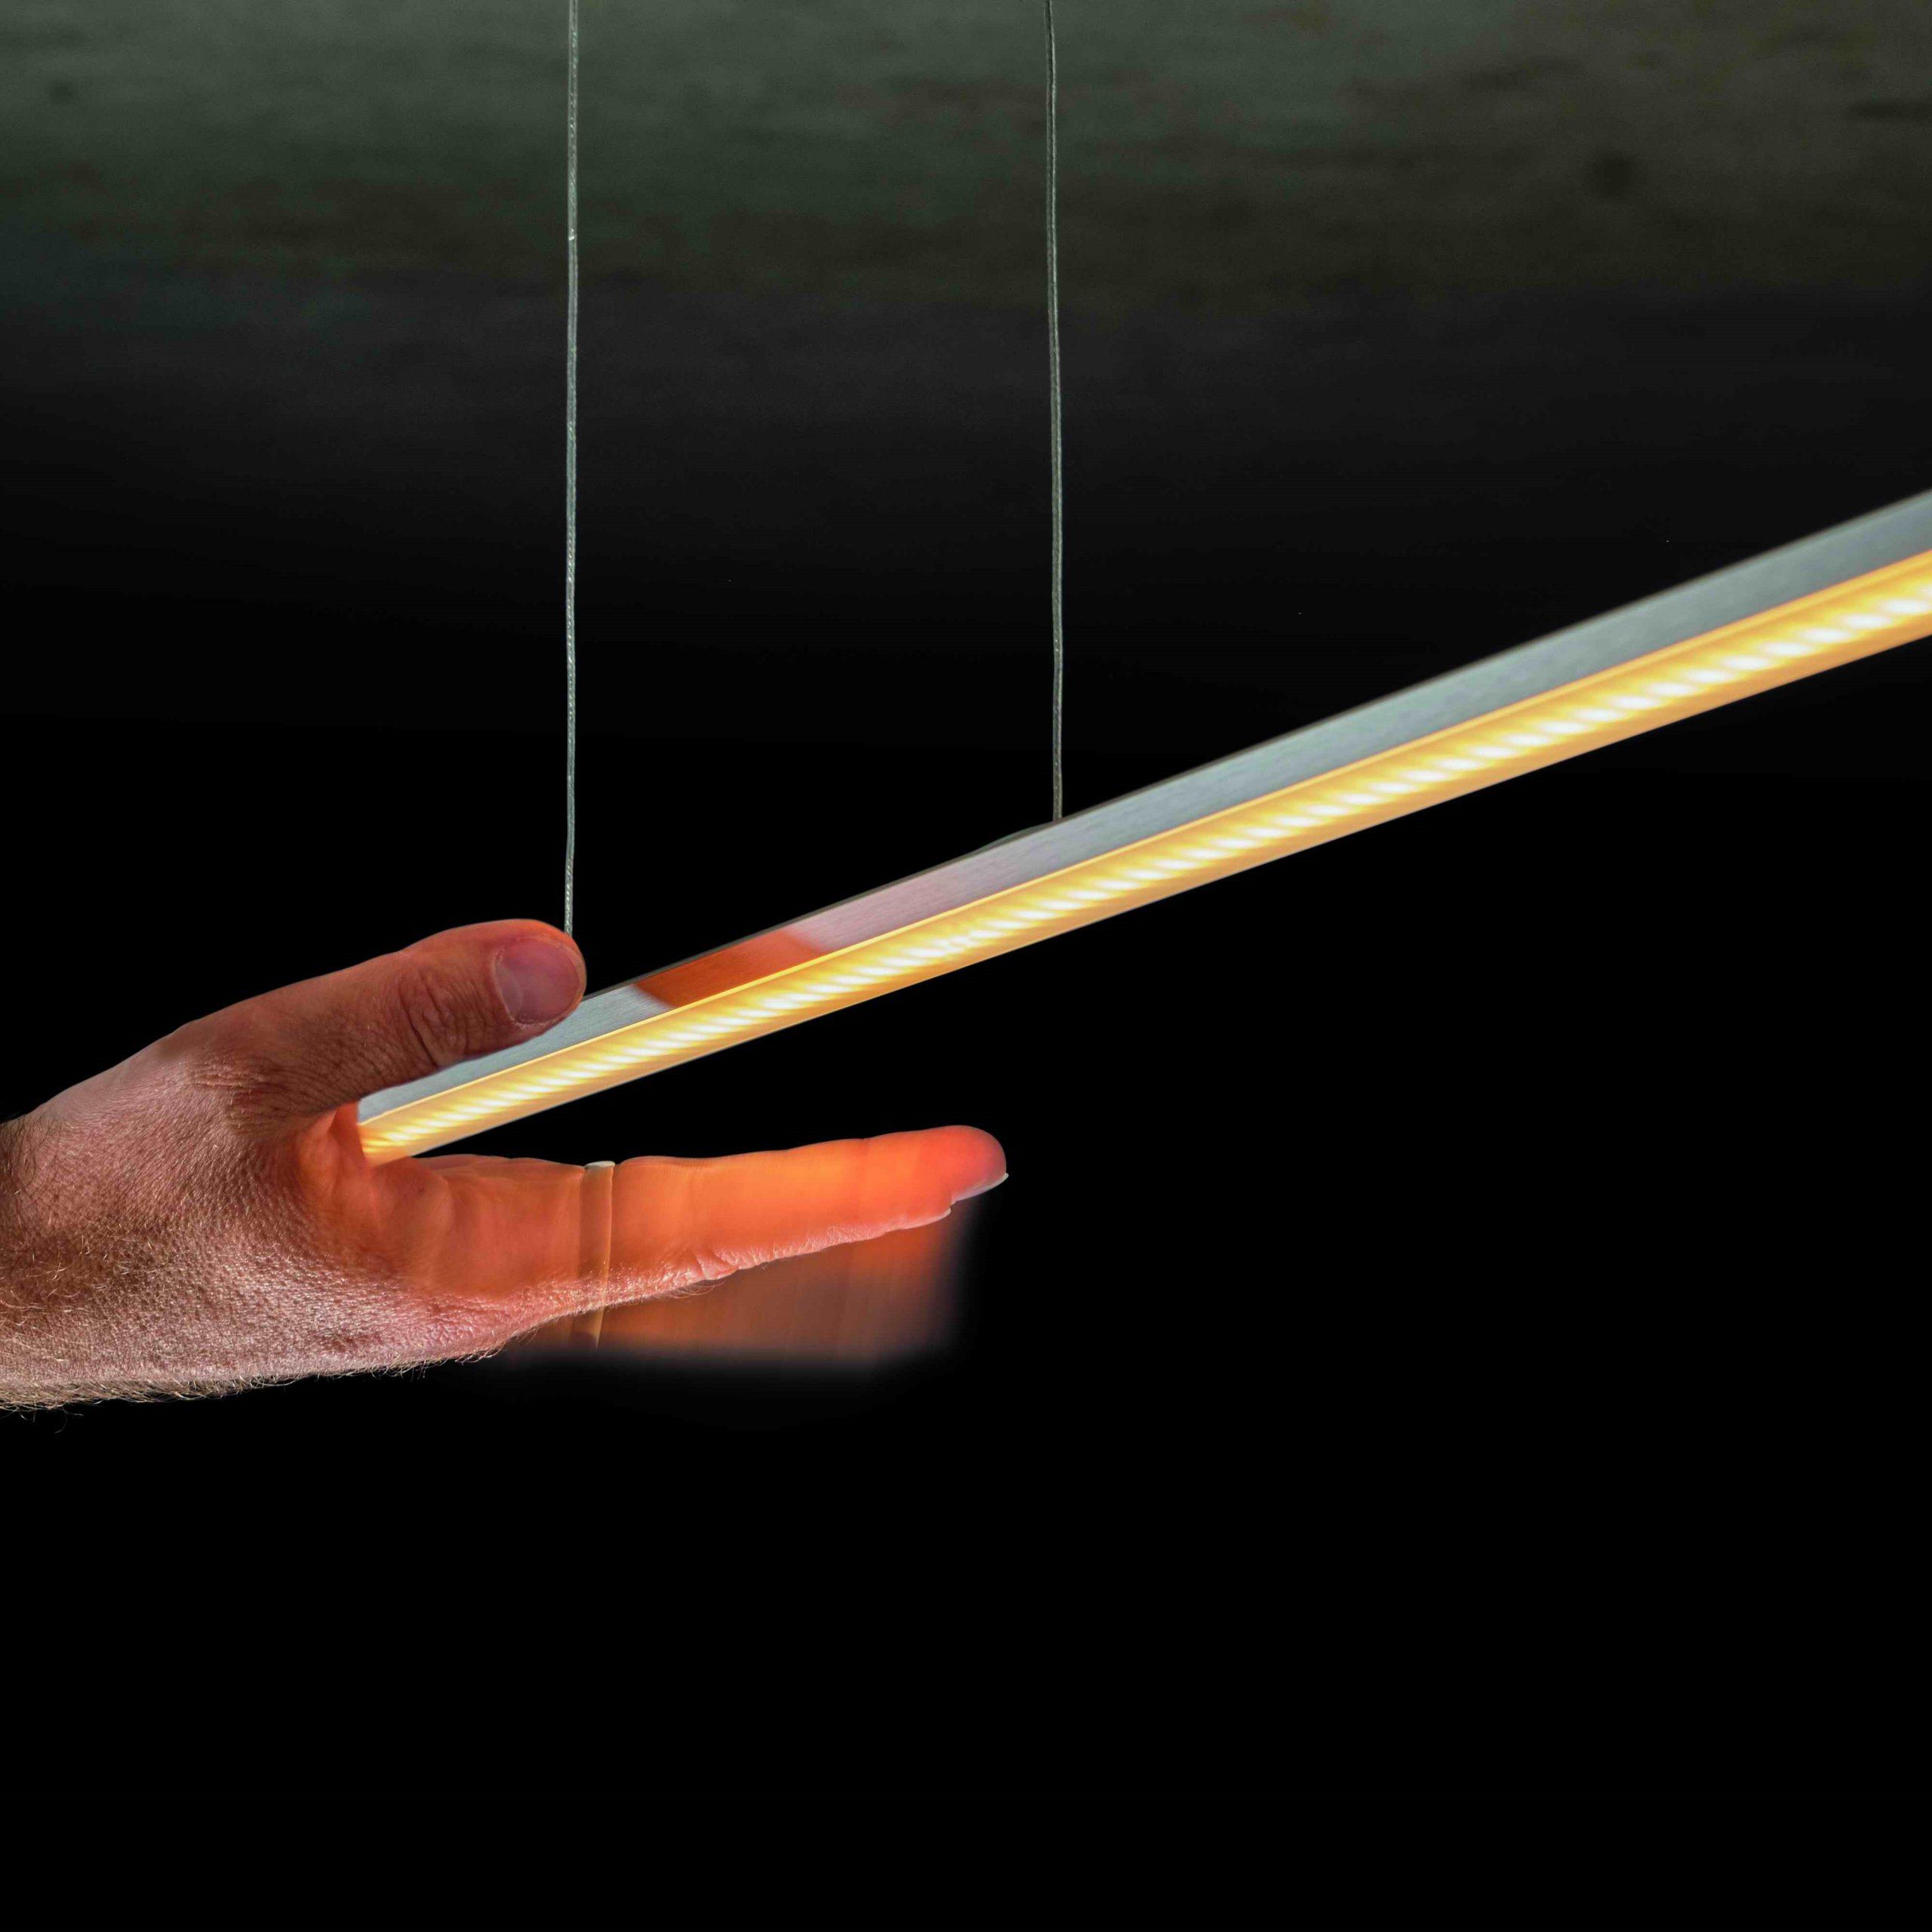 Hanglamp Holtkotter Epsilon RR 163cm In 4 Kleuren